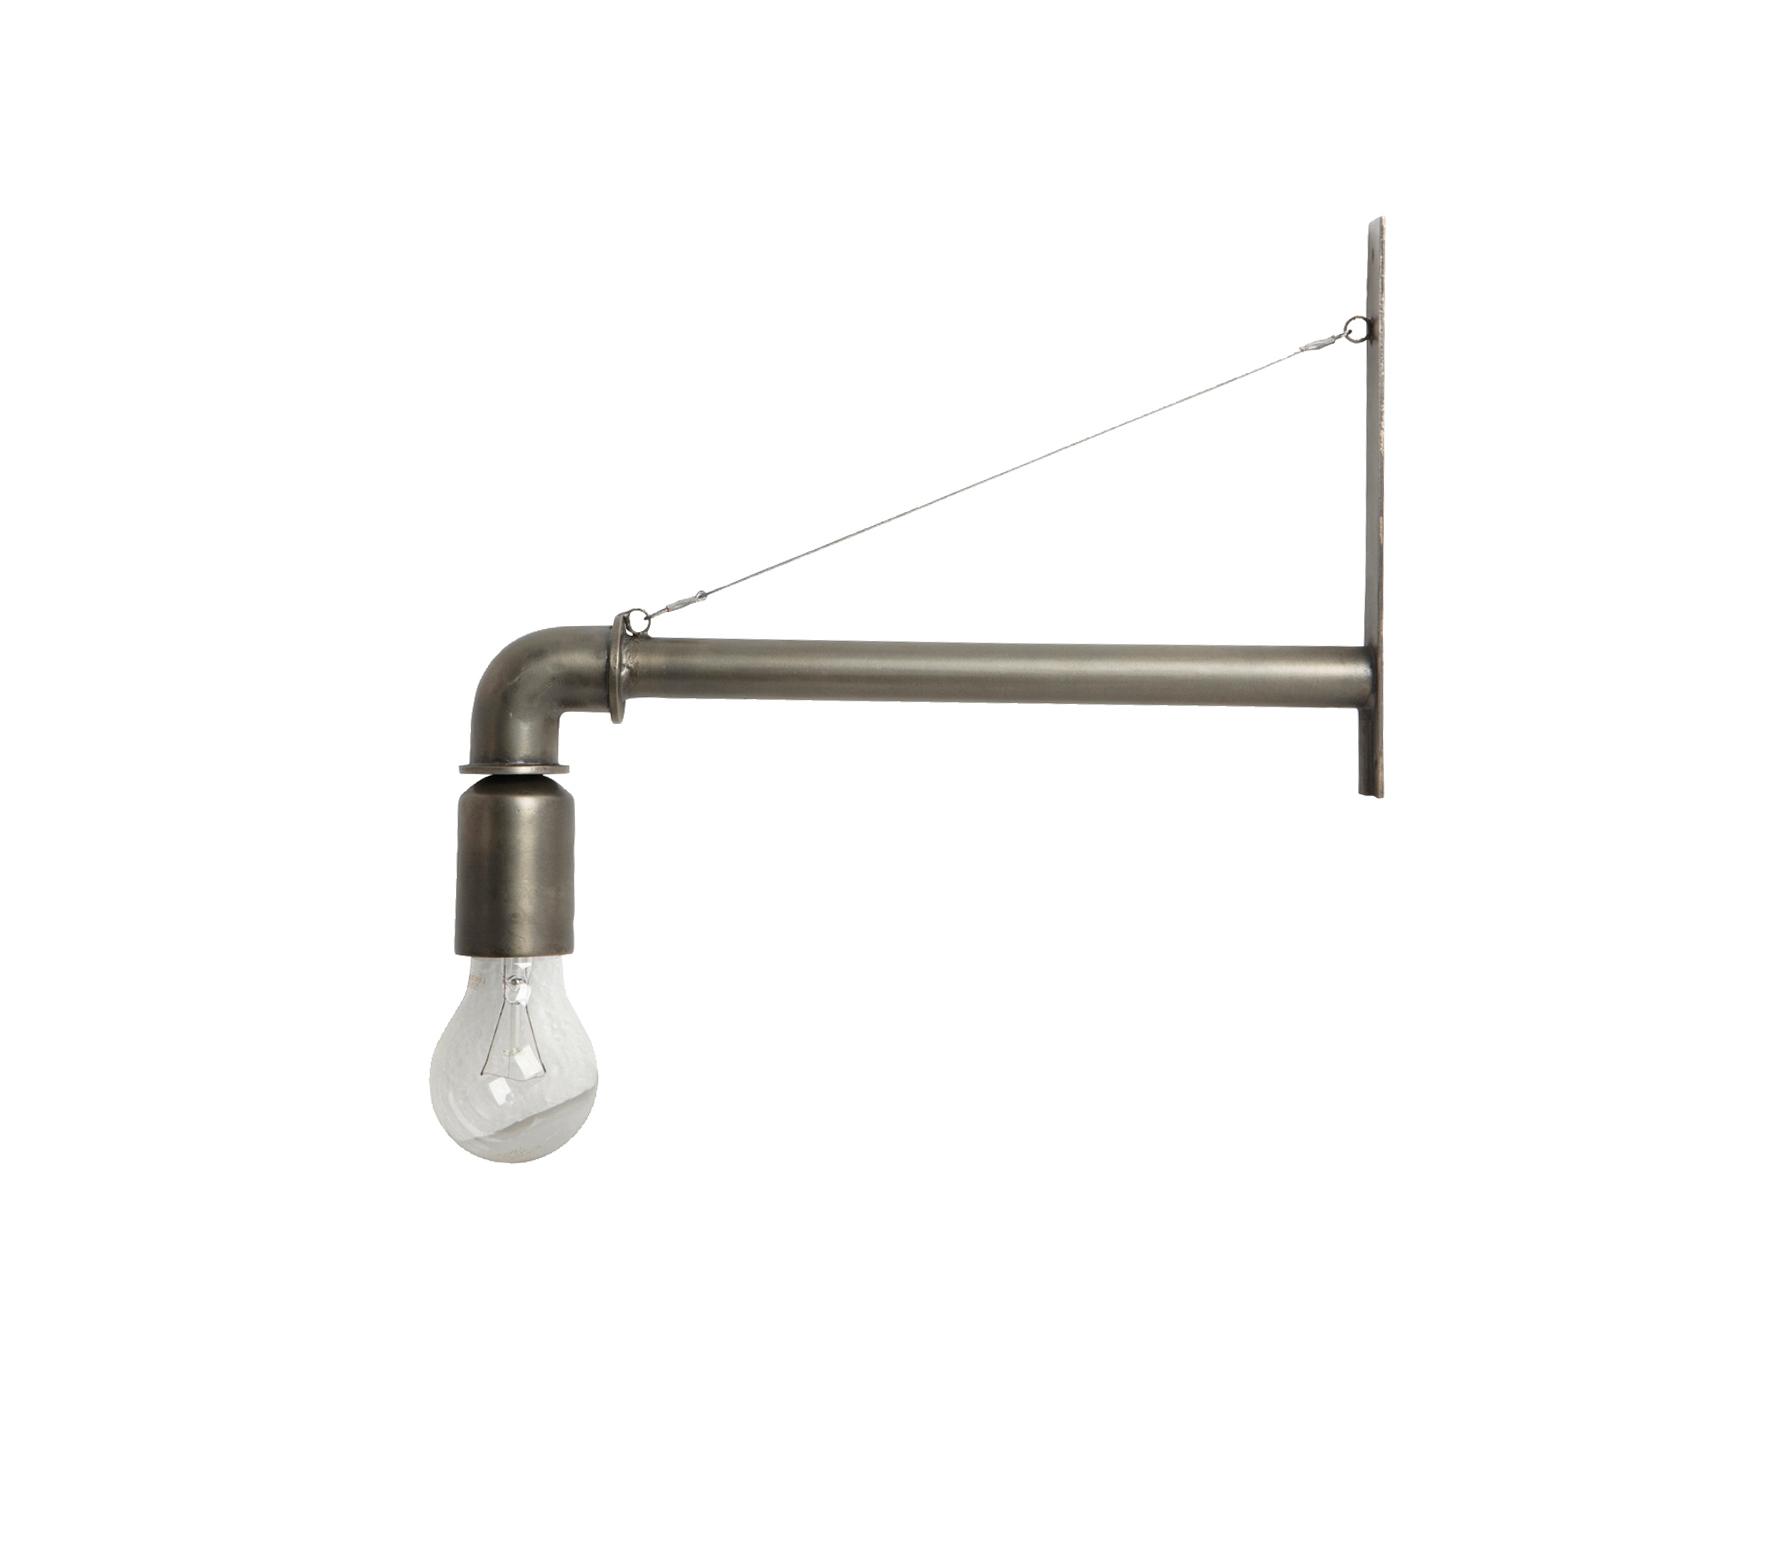 Housedoctor Pipe wandlamp metaal mat zilver